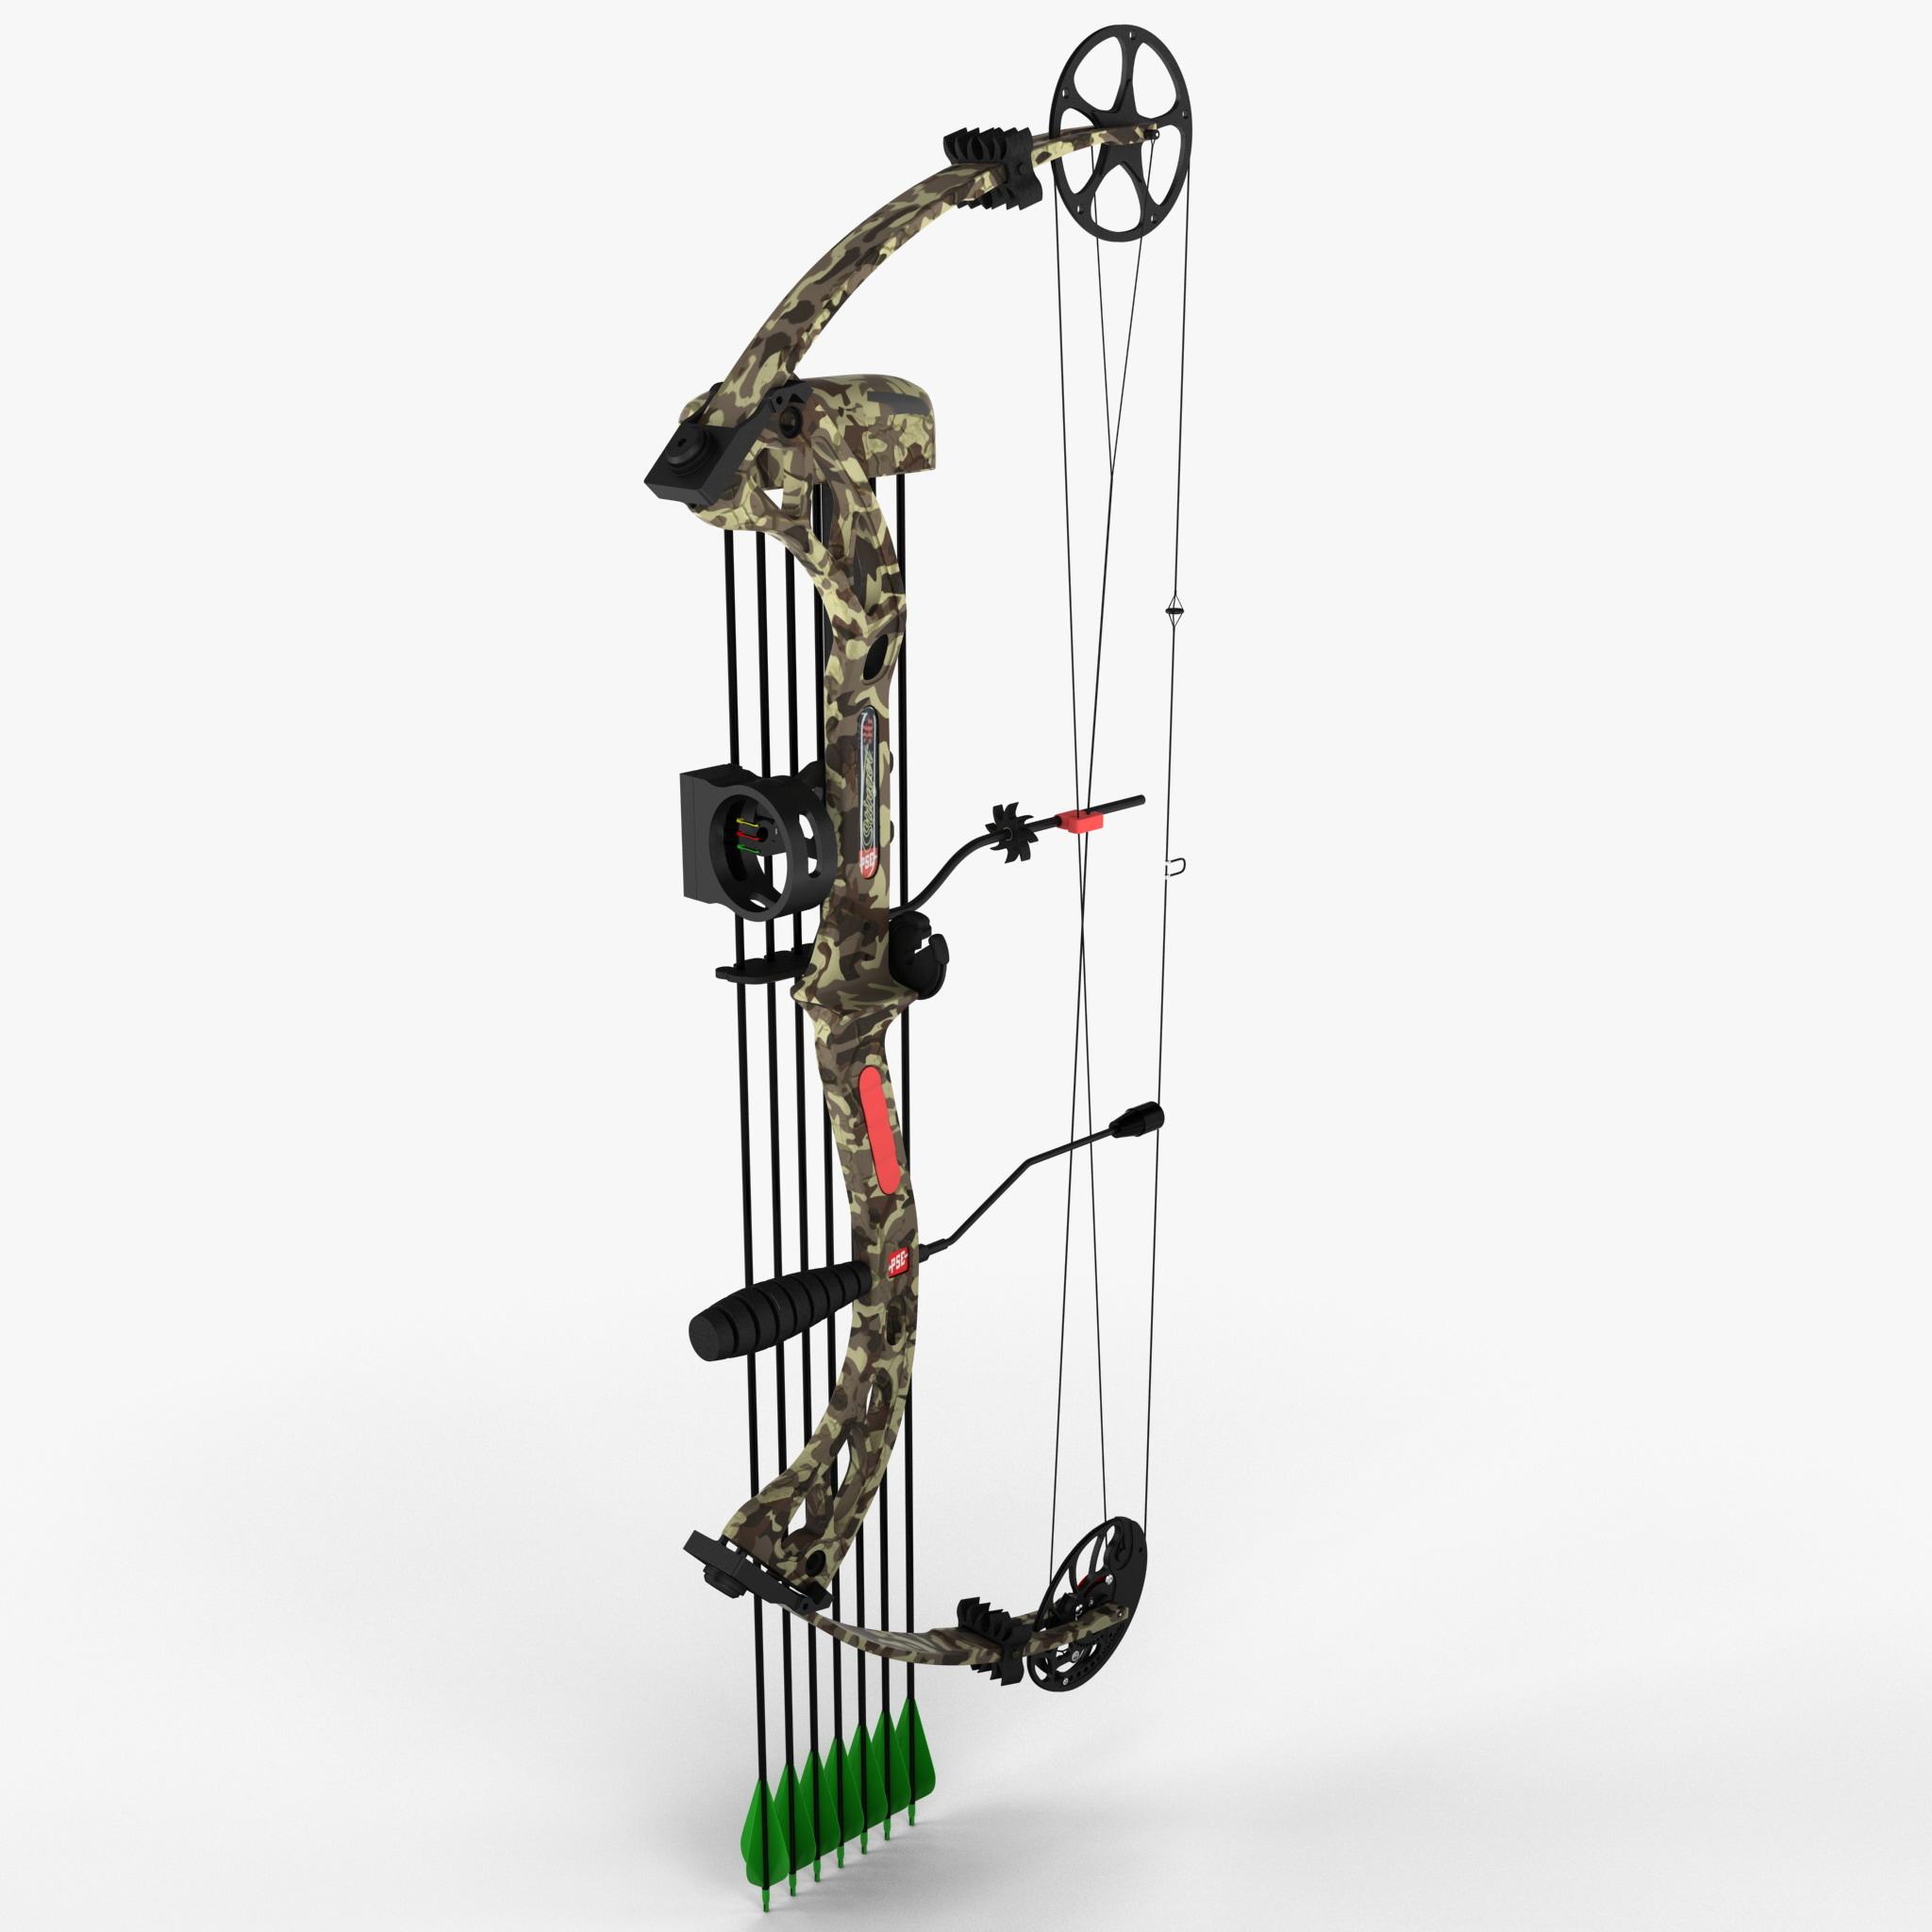 Compound Bow PSE Stinger 3G_2.jpg